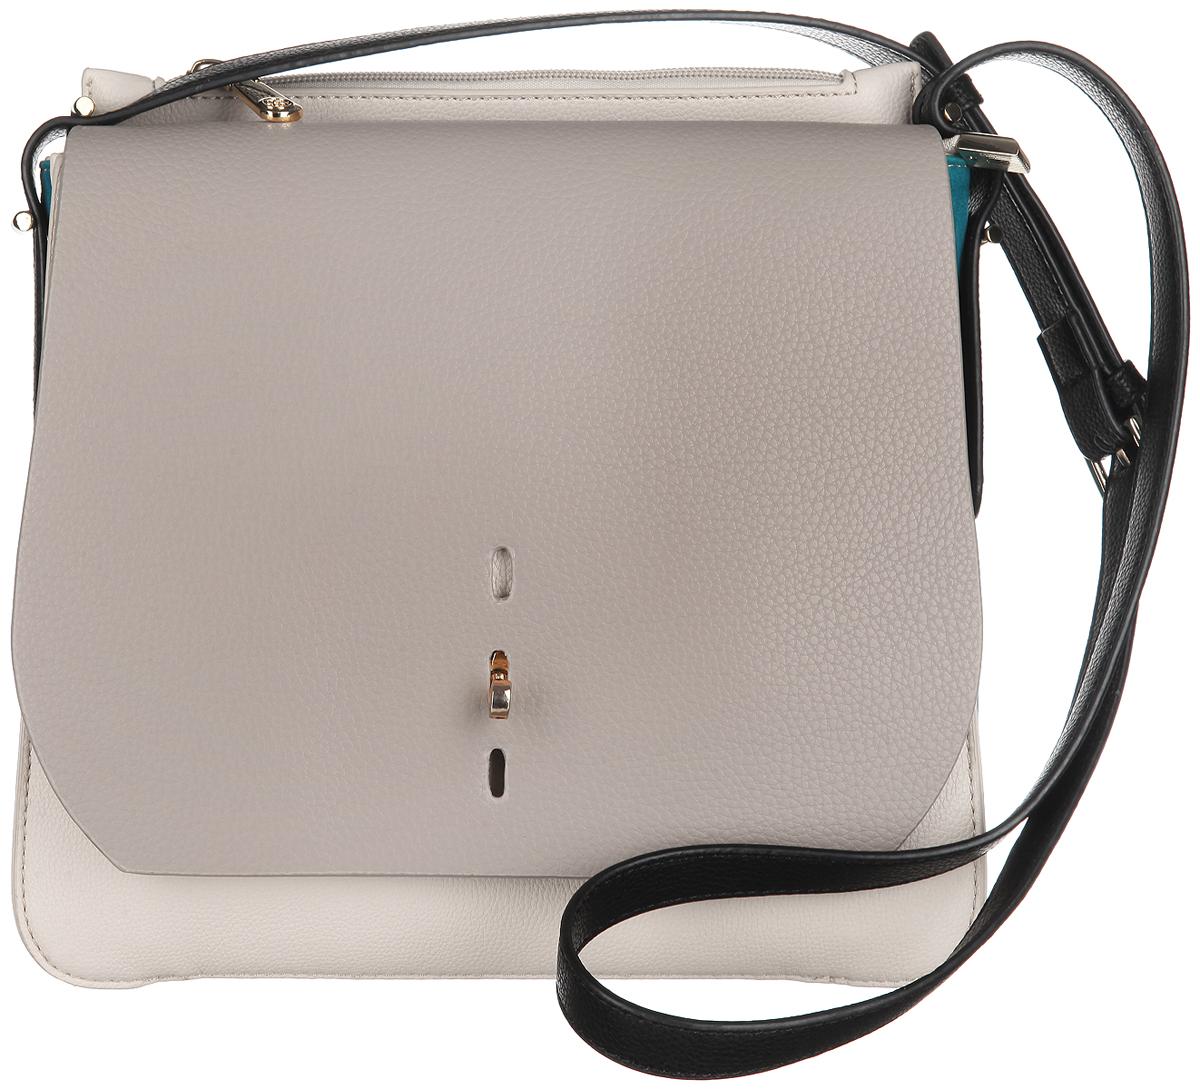 Сумка женская Calipso, цвет: серый, молочный. 432-151286-231S76245Изысканная женская сумка Calipso выполнена из искусственной кожи с замшевыми вставками по бокам. Сумка закрывается на замок-молнию и дополнительно клапаном на замок-вертушку в трех уровнях. Внутри одно отделение. Вместительное внутреннее отделение содержит два накладных кармана для телефона и мелких принадлежностей и врезной карман на молнии. Внутри модель также содержит специальный ремешок с крепежом для ключей. Сверху расположен глубокий врезной карман на молнии. Между ним и основным отделением расположен глубокий внутренний карман для бумаг и других мелочей. Сумка оснащена оригинальным, съемным плечевым ремнем регулируемой длины, который позволит носить изделие как в руках так и на плече. Модель выполнена в оригинальном дизайне, декорирована металлической фурнитурой золотистого цвета.Практичная и стильная сумка прекрасно завершит ваш образ.